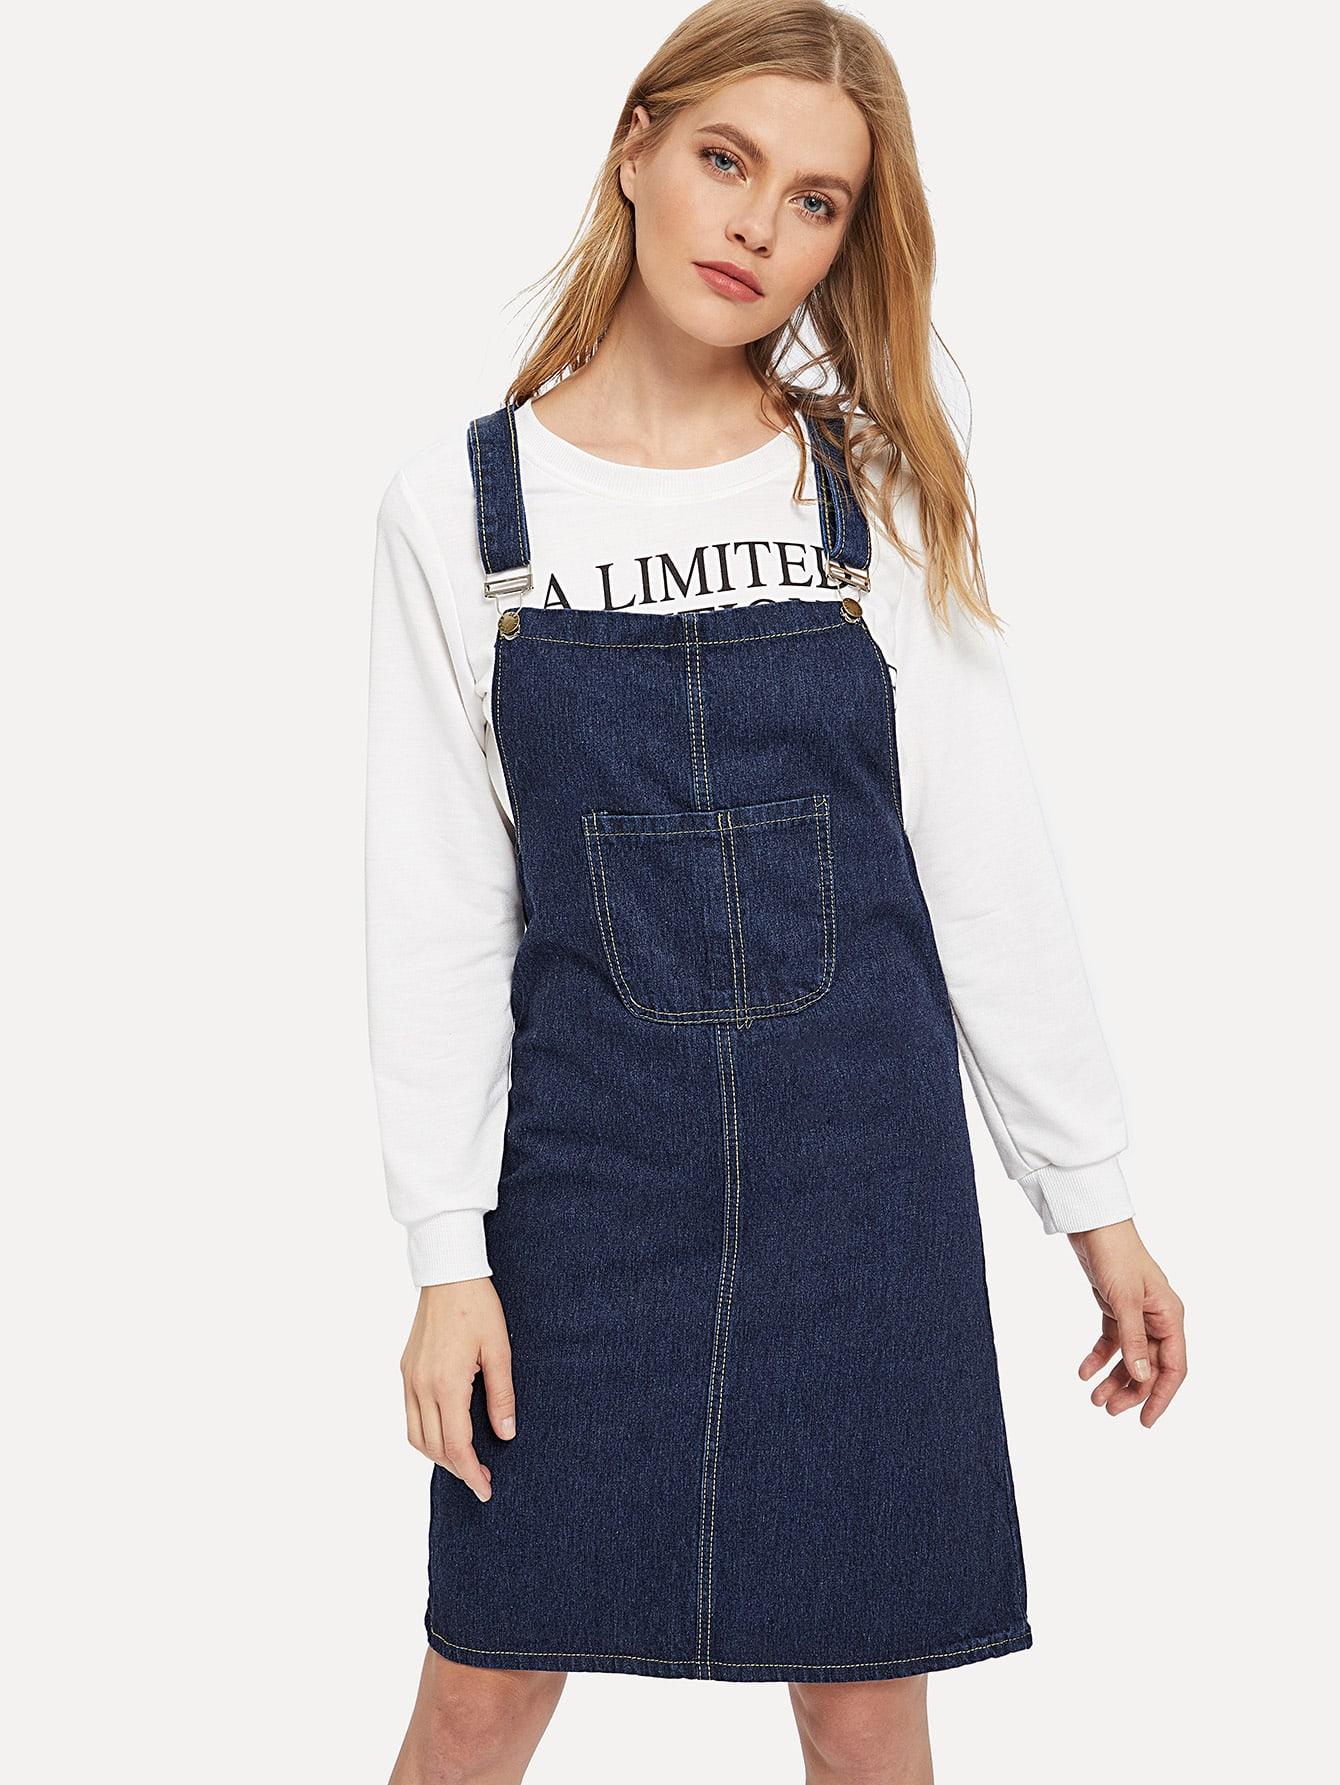 Однотонное джинсовое платье с карманом SheIn